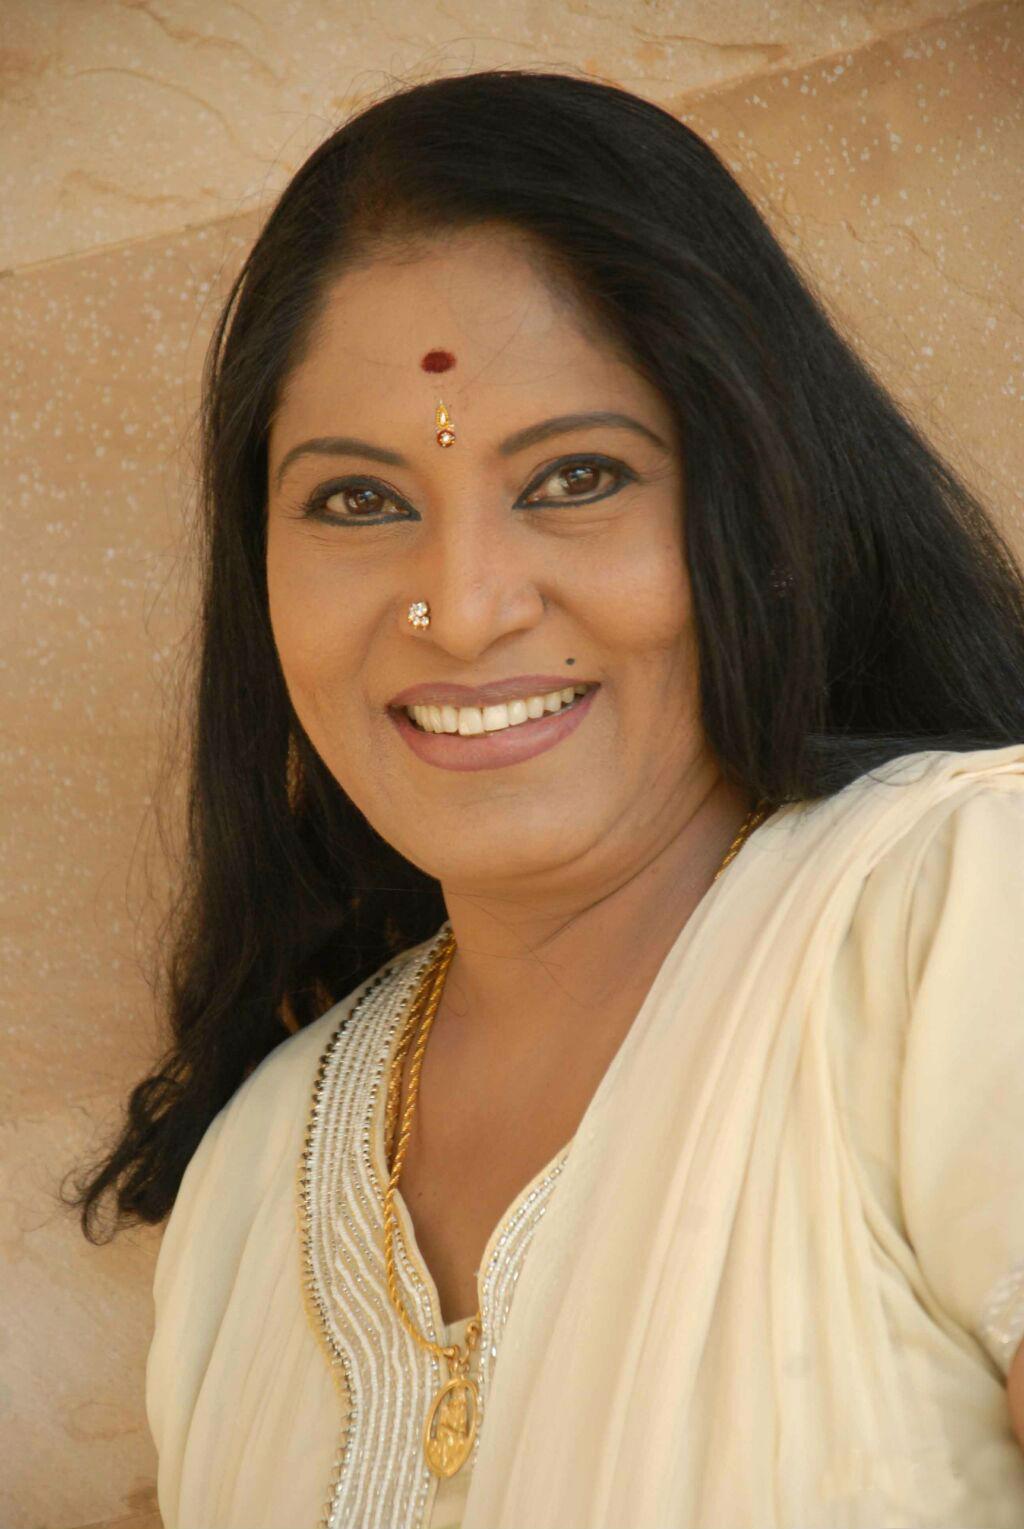 Padma Vasanthi nude photos 2019